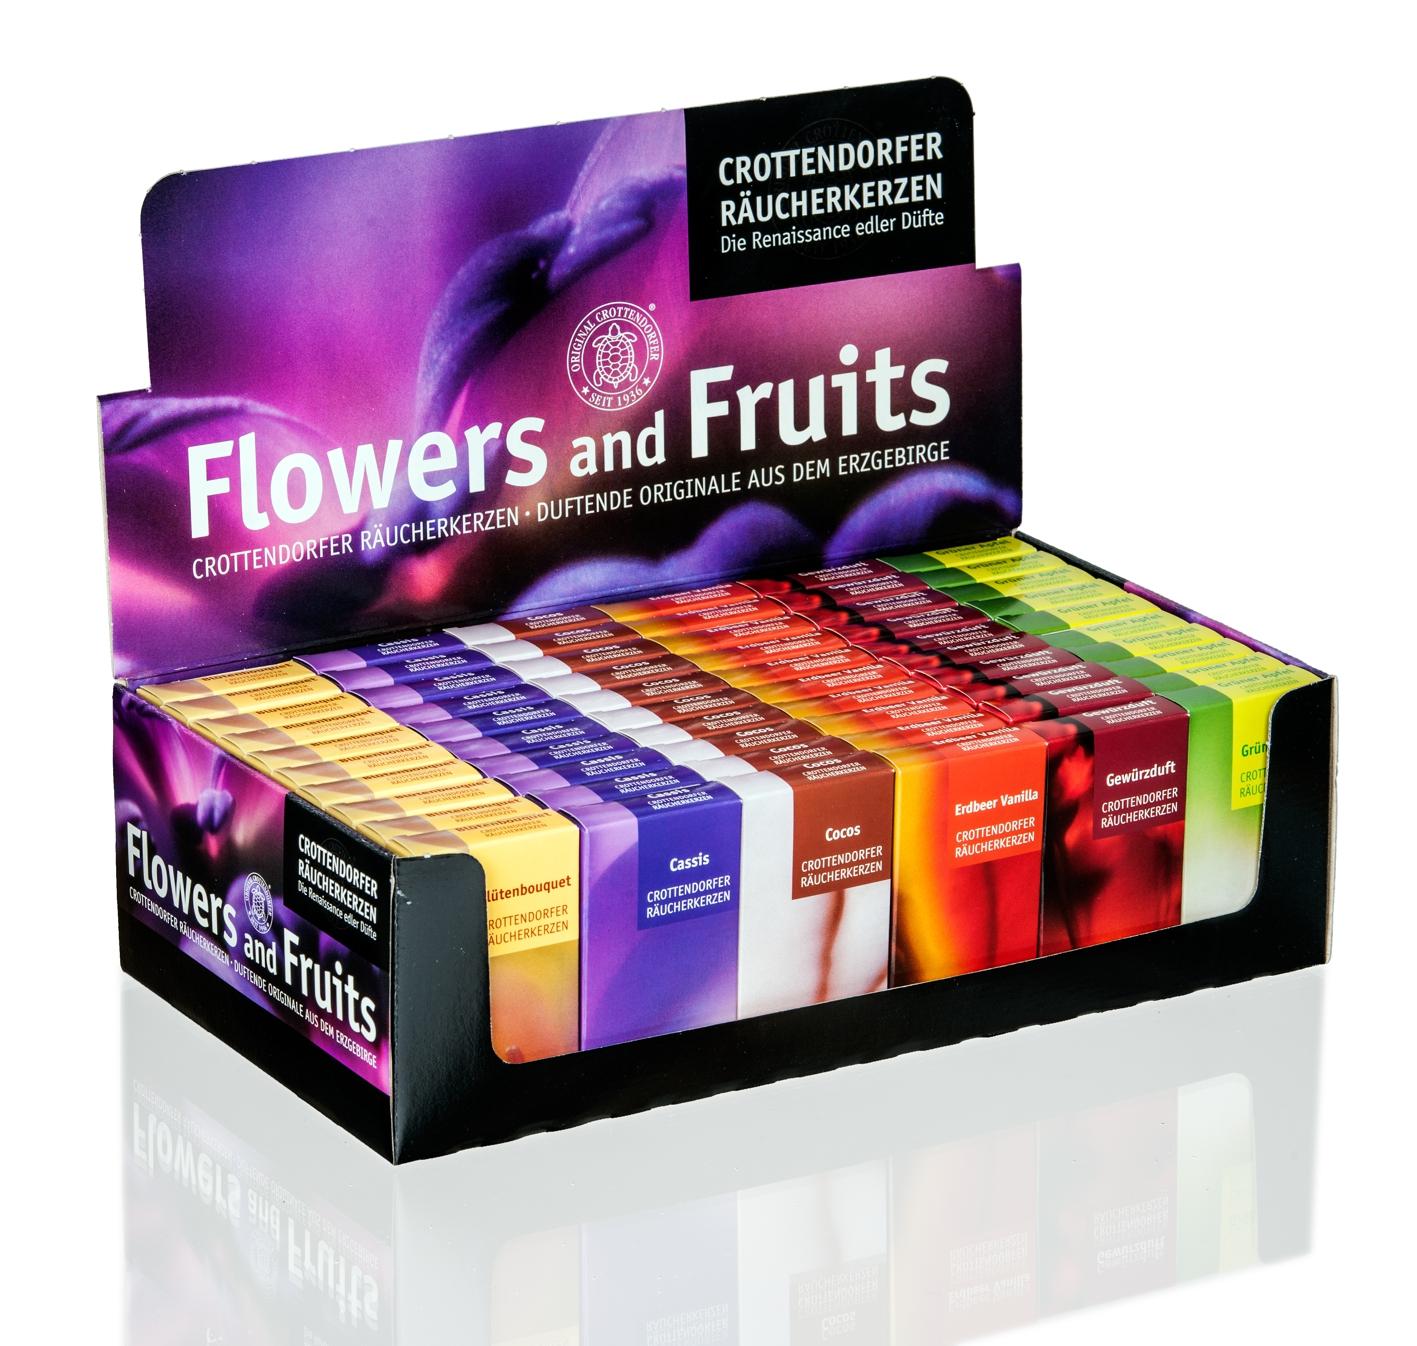 Räucherkerzen, Crottendorfer, Flowers & Fruits **Neu 2016**